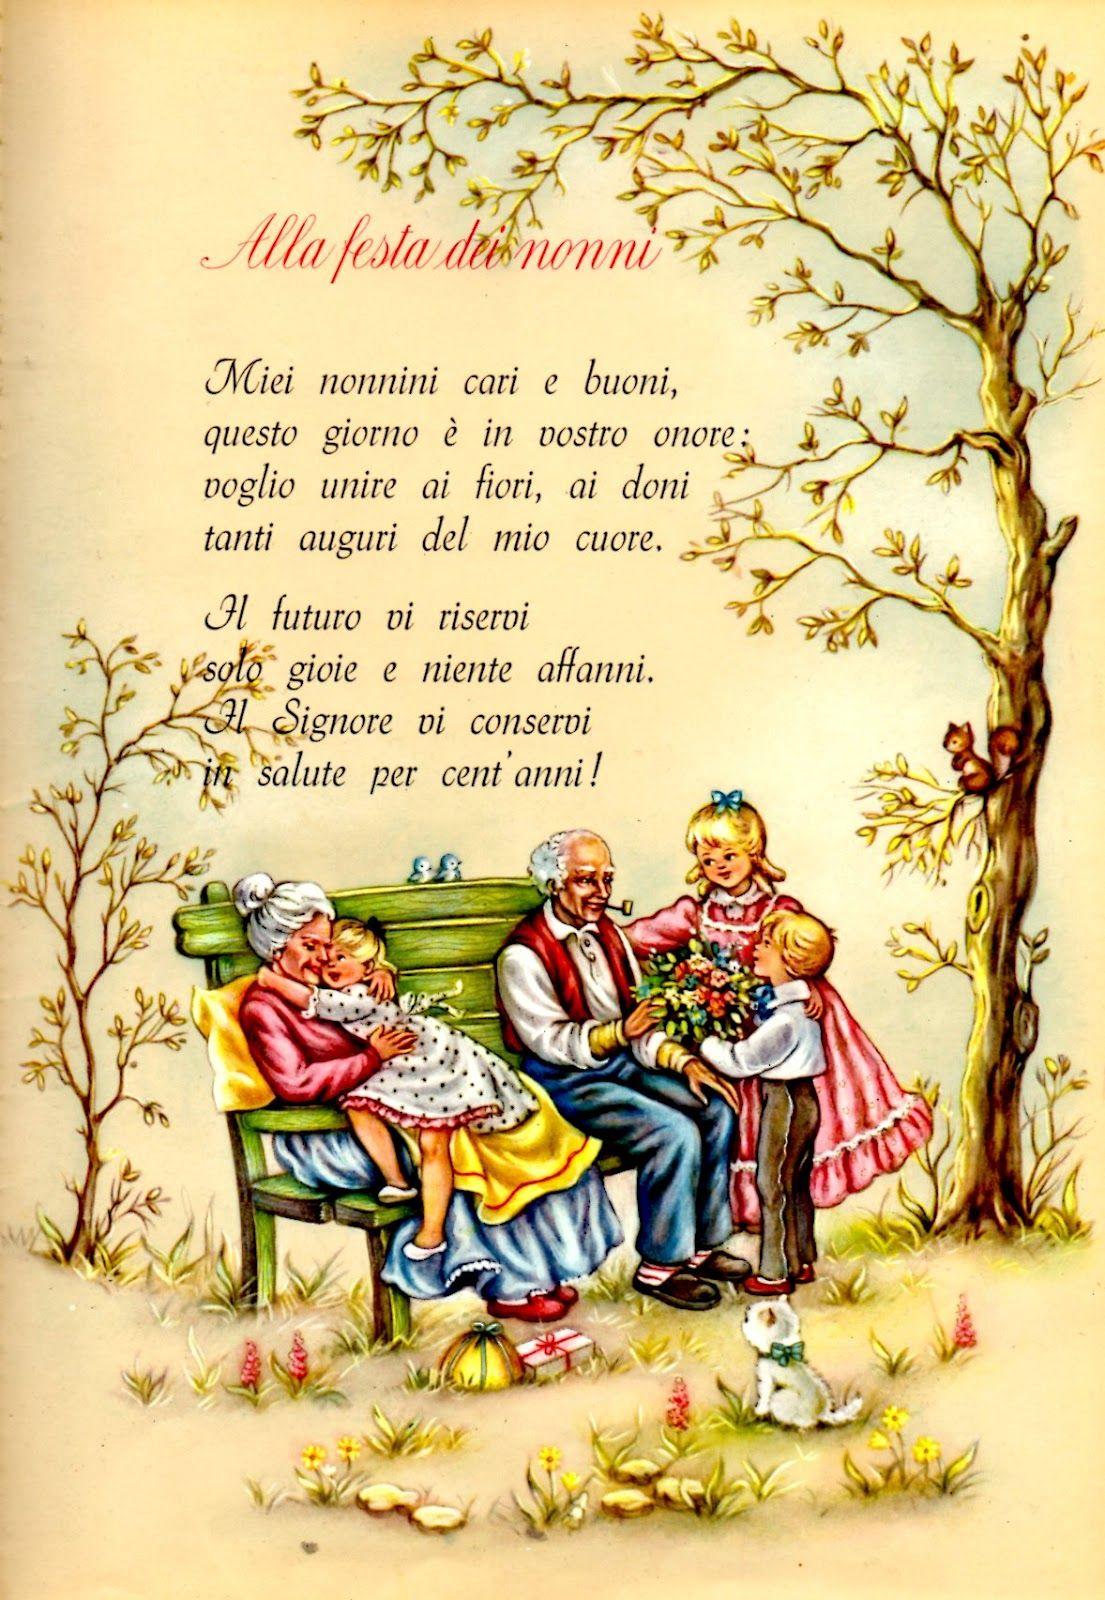 Frasi Auguri Natale Per Bambini Dai Nonni.Festa Dei Nonni 3 Nonni Love Festa Dei Nonni Ricordi